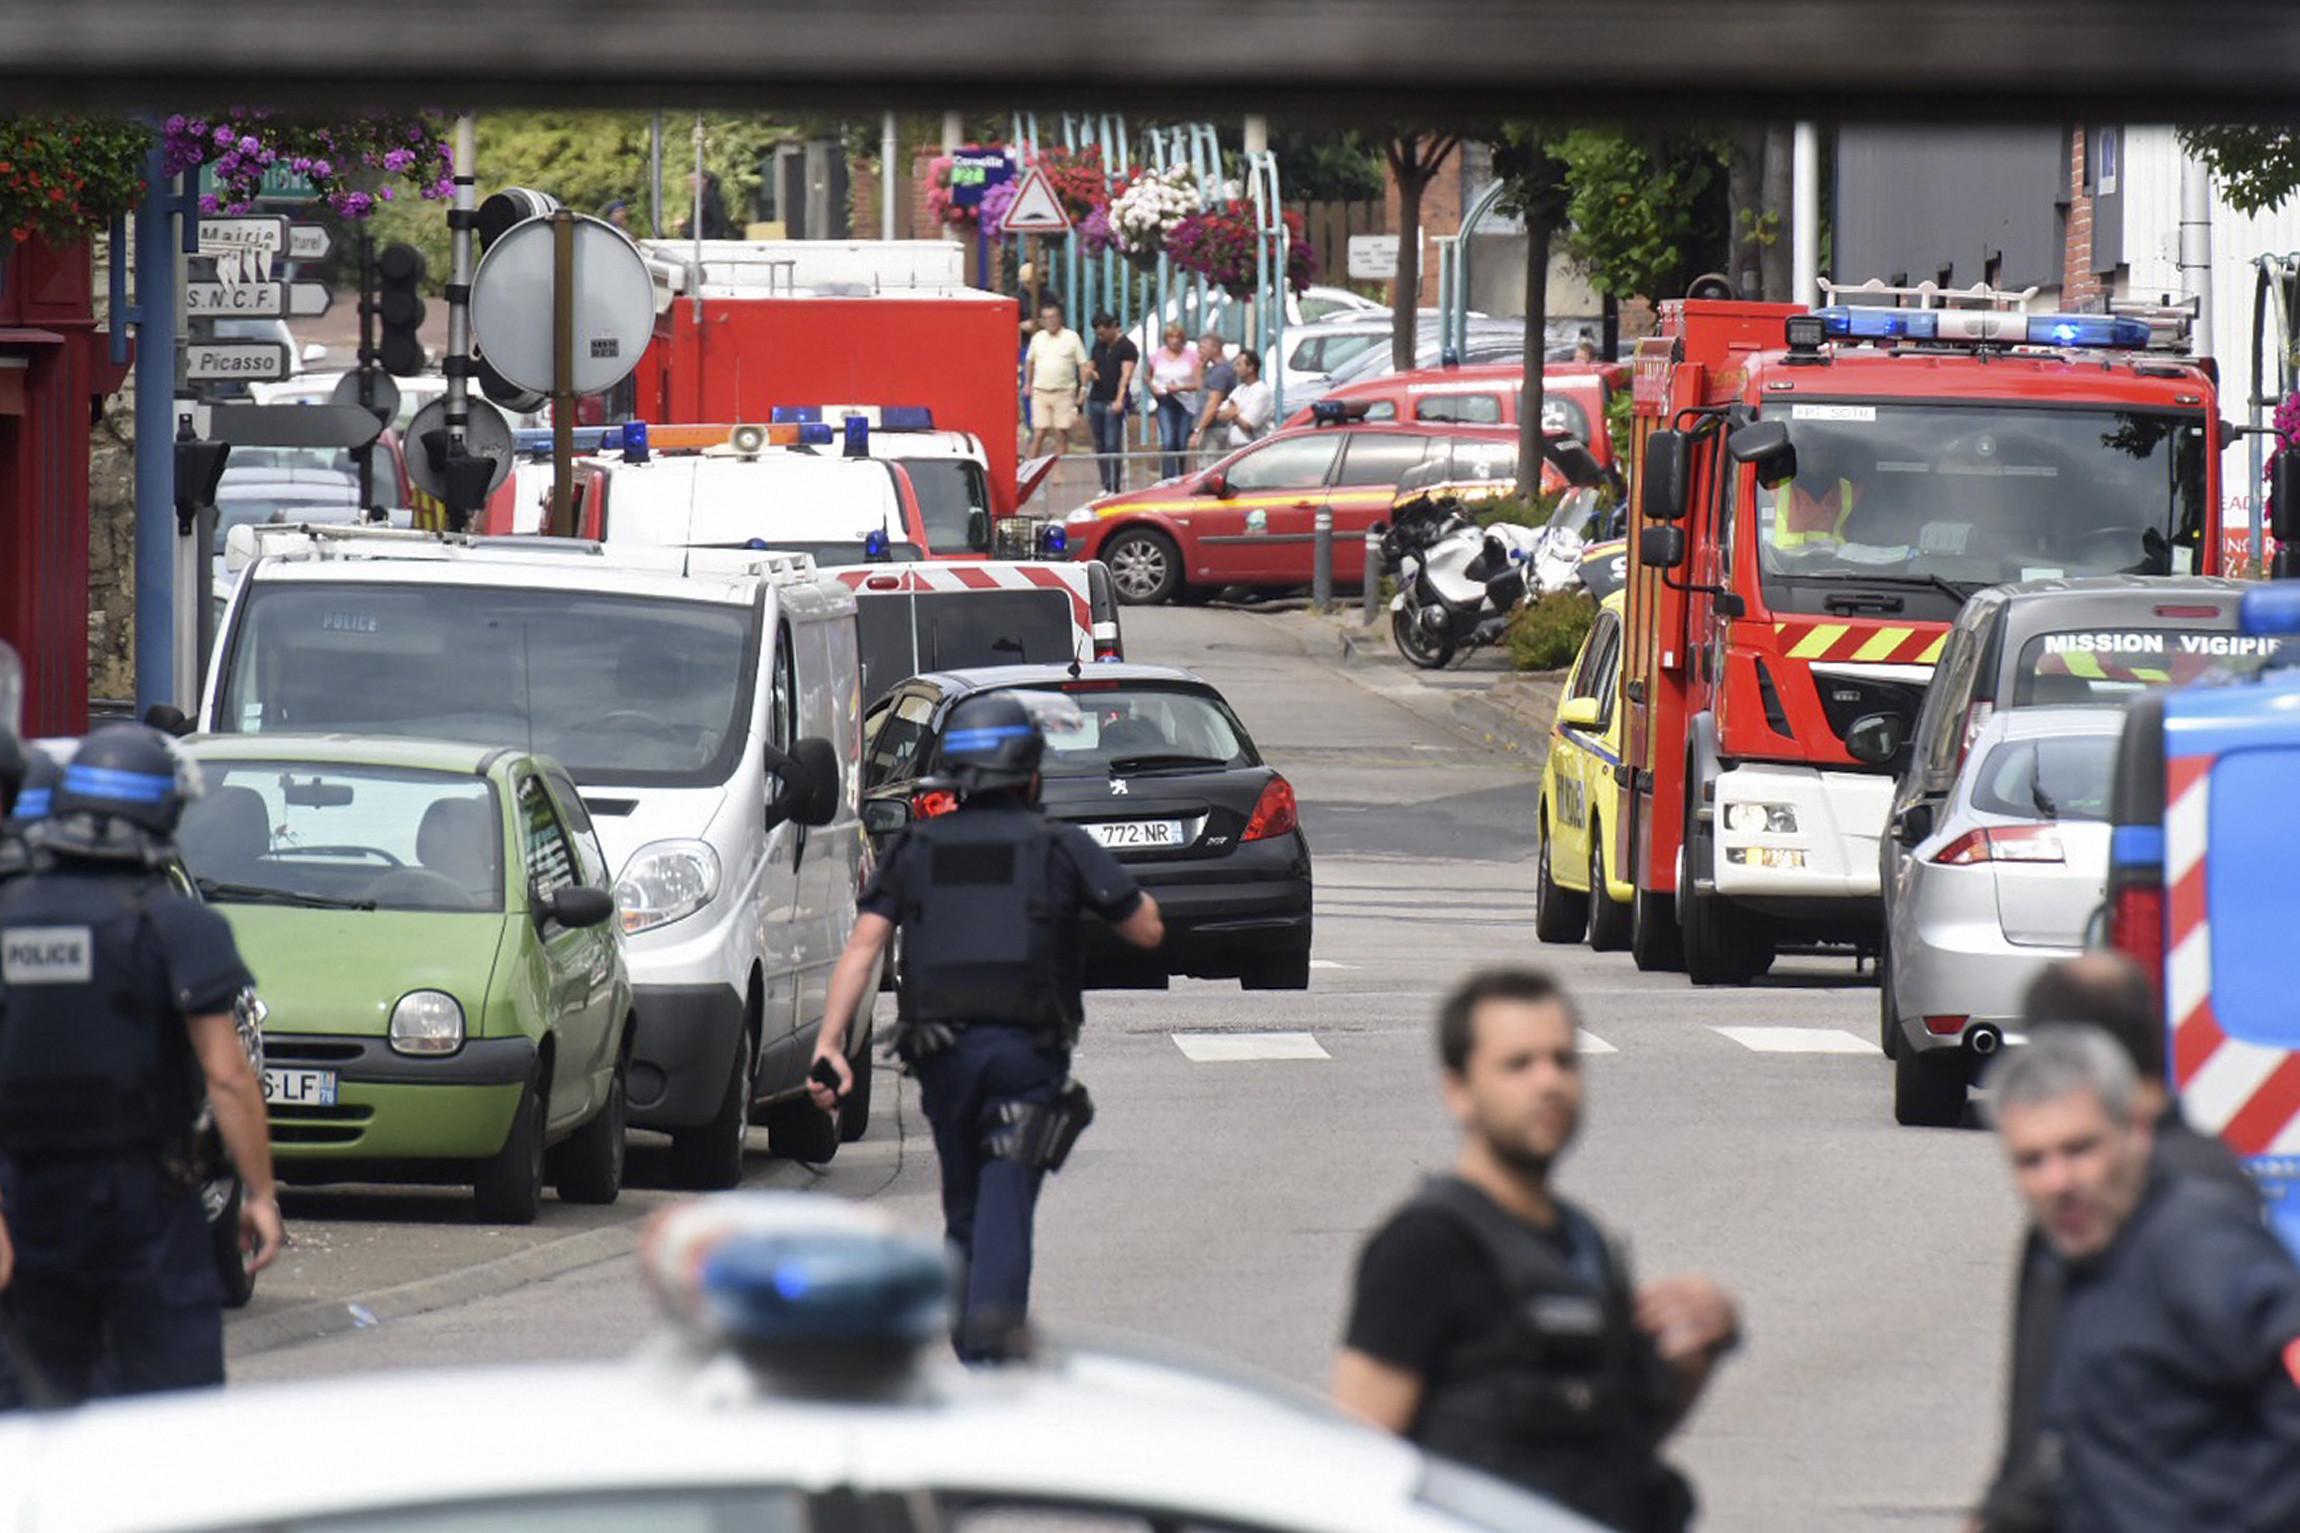 Alerta: destinos turísticos que foram alvos de ataques terroristas